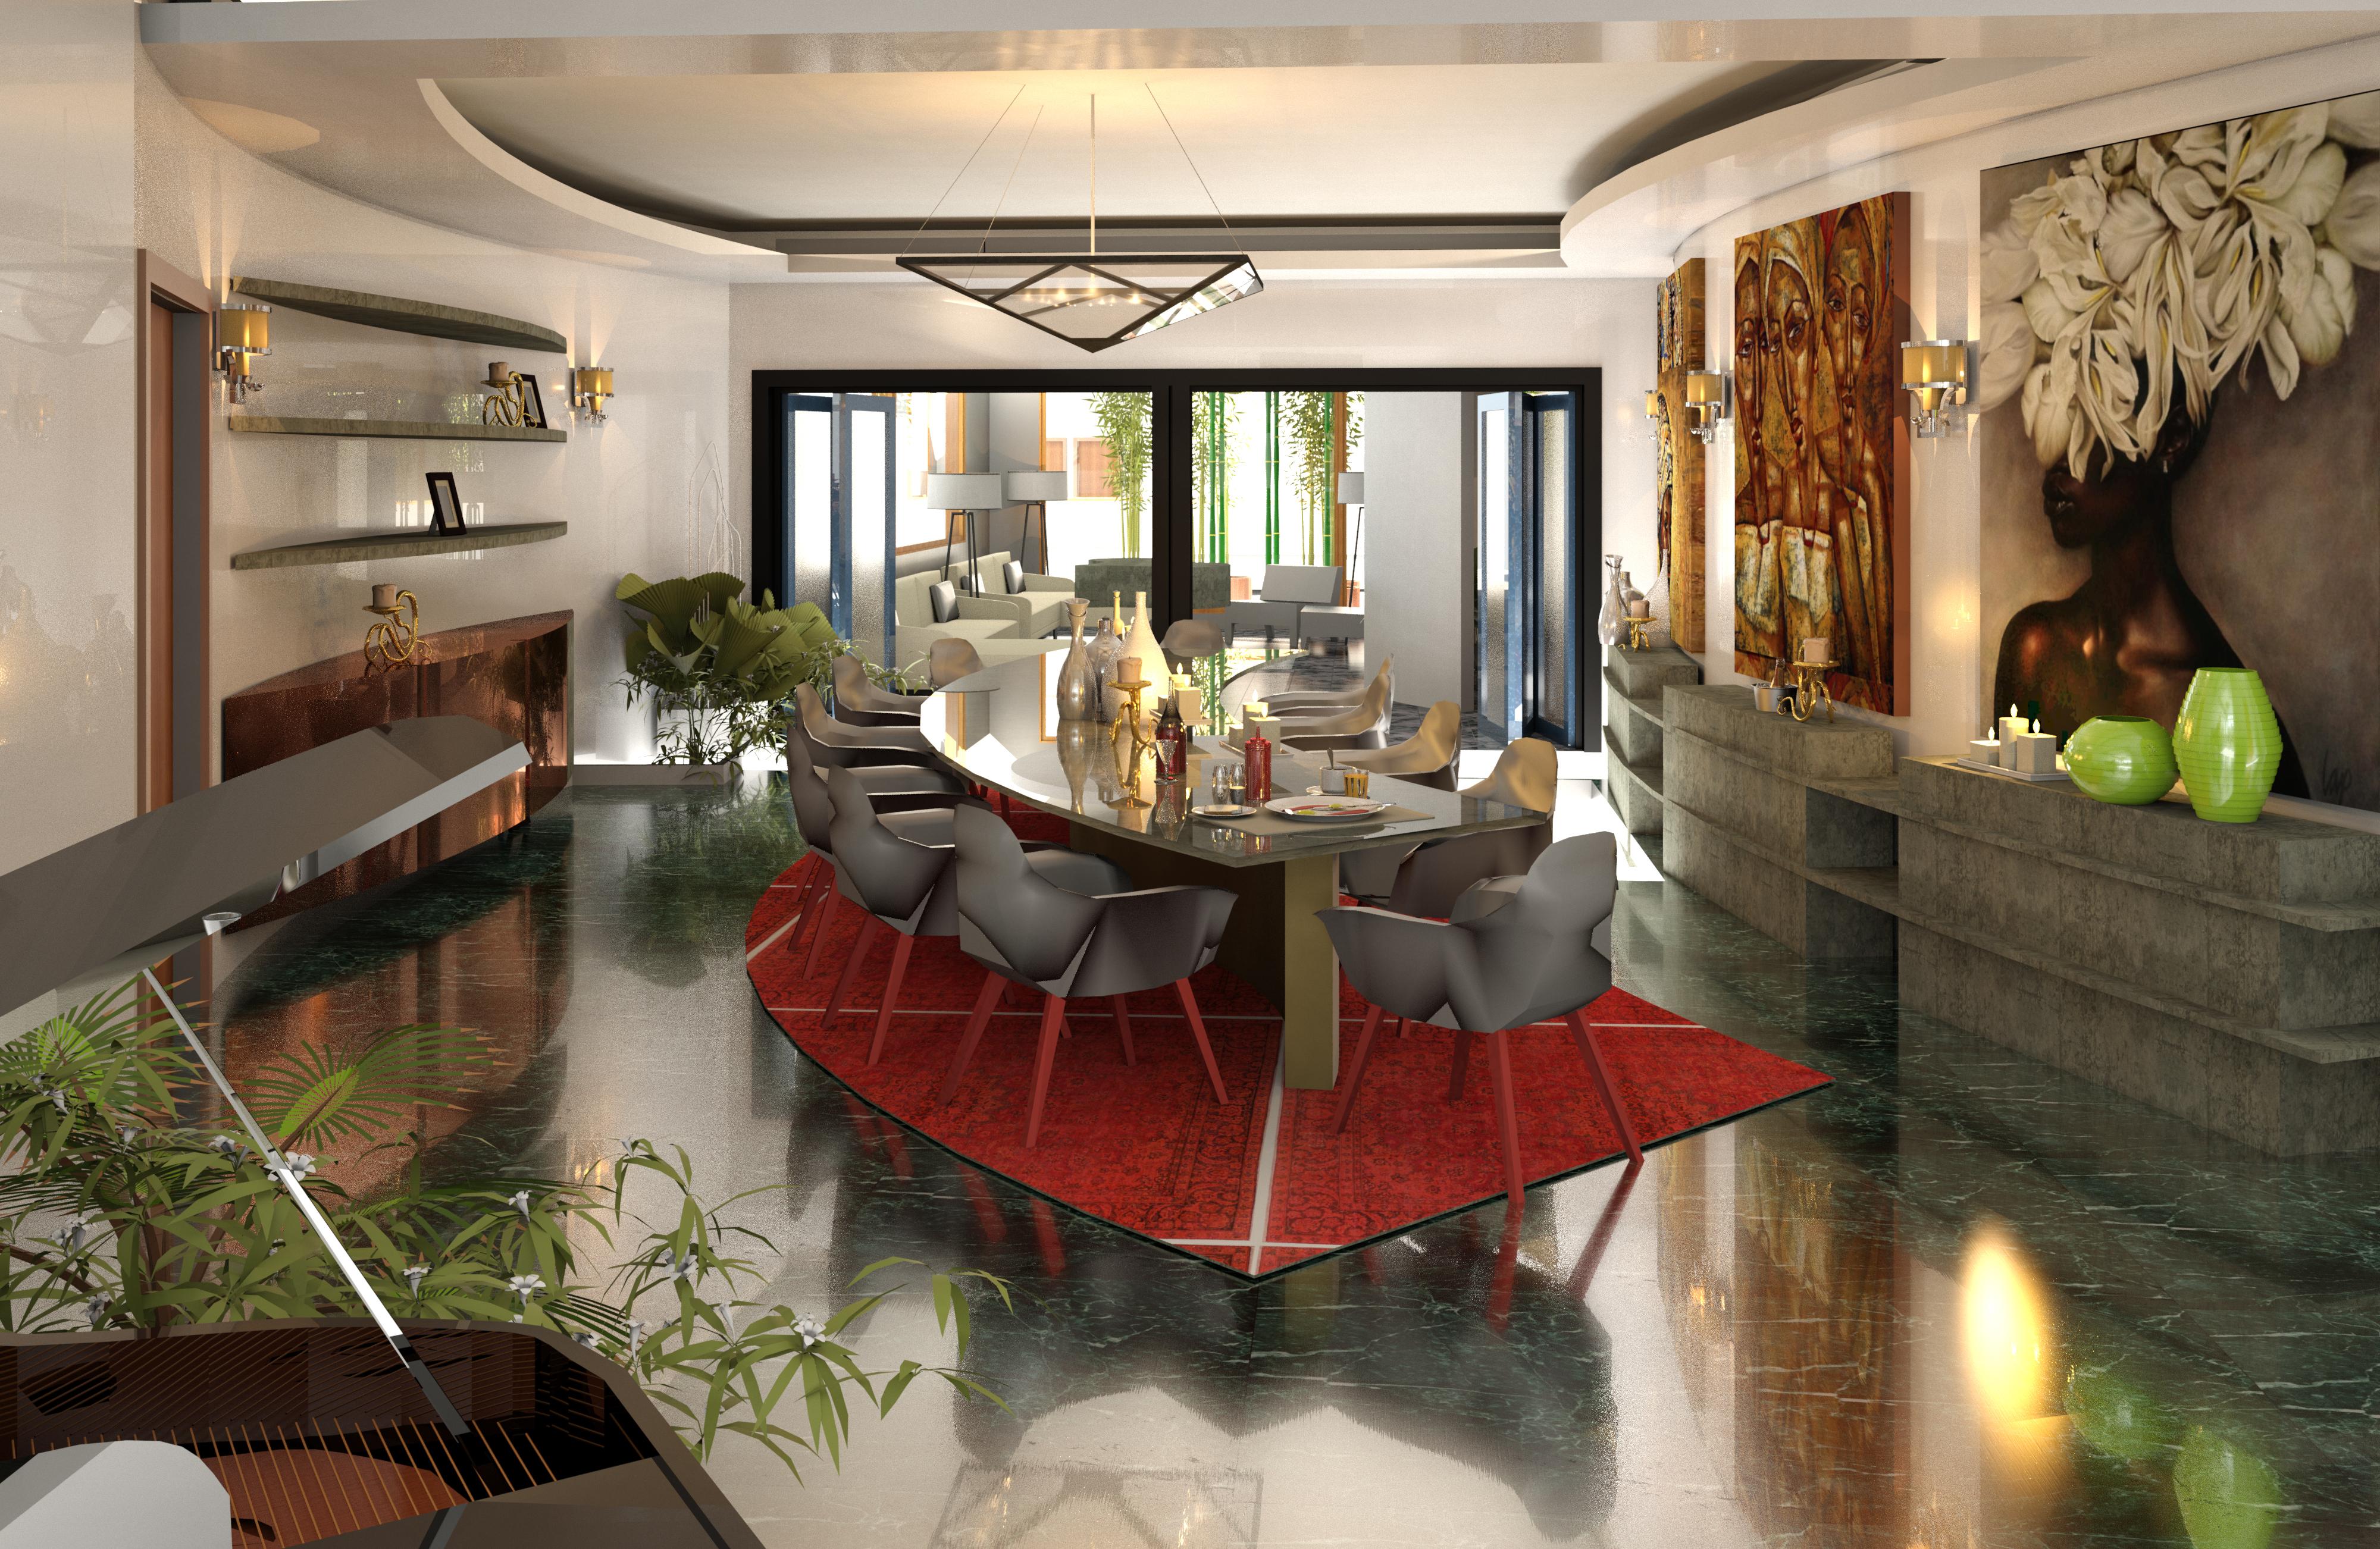 Le Rouge Living: Mohammed Residence, Abuja